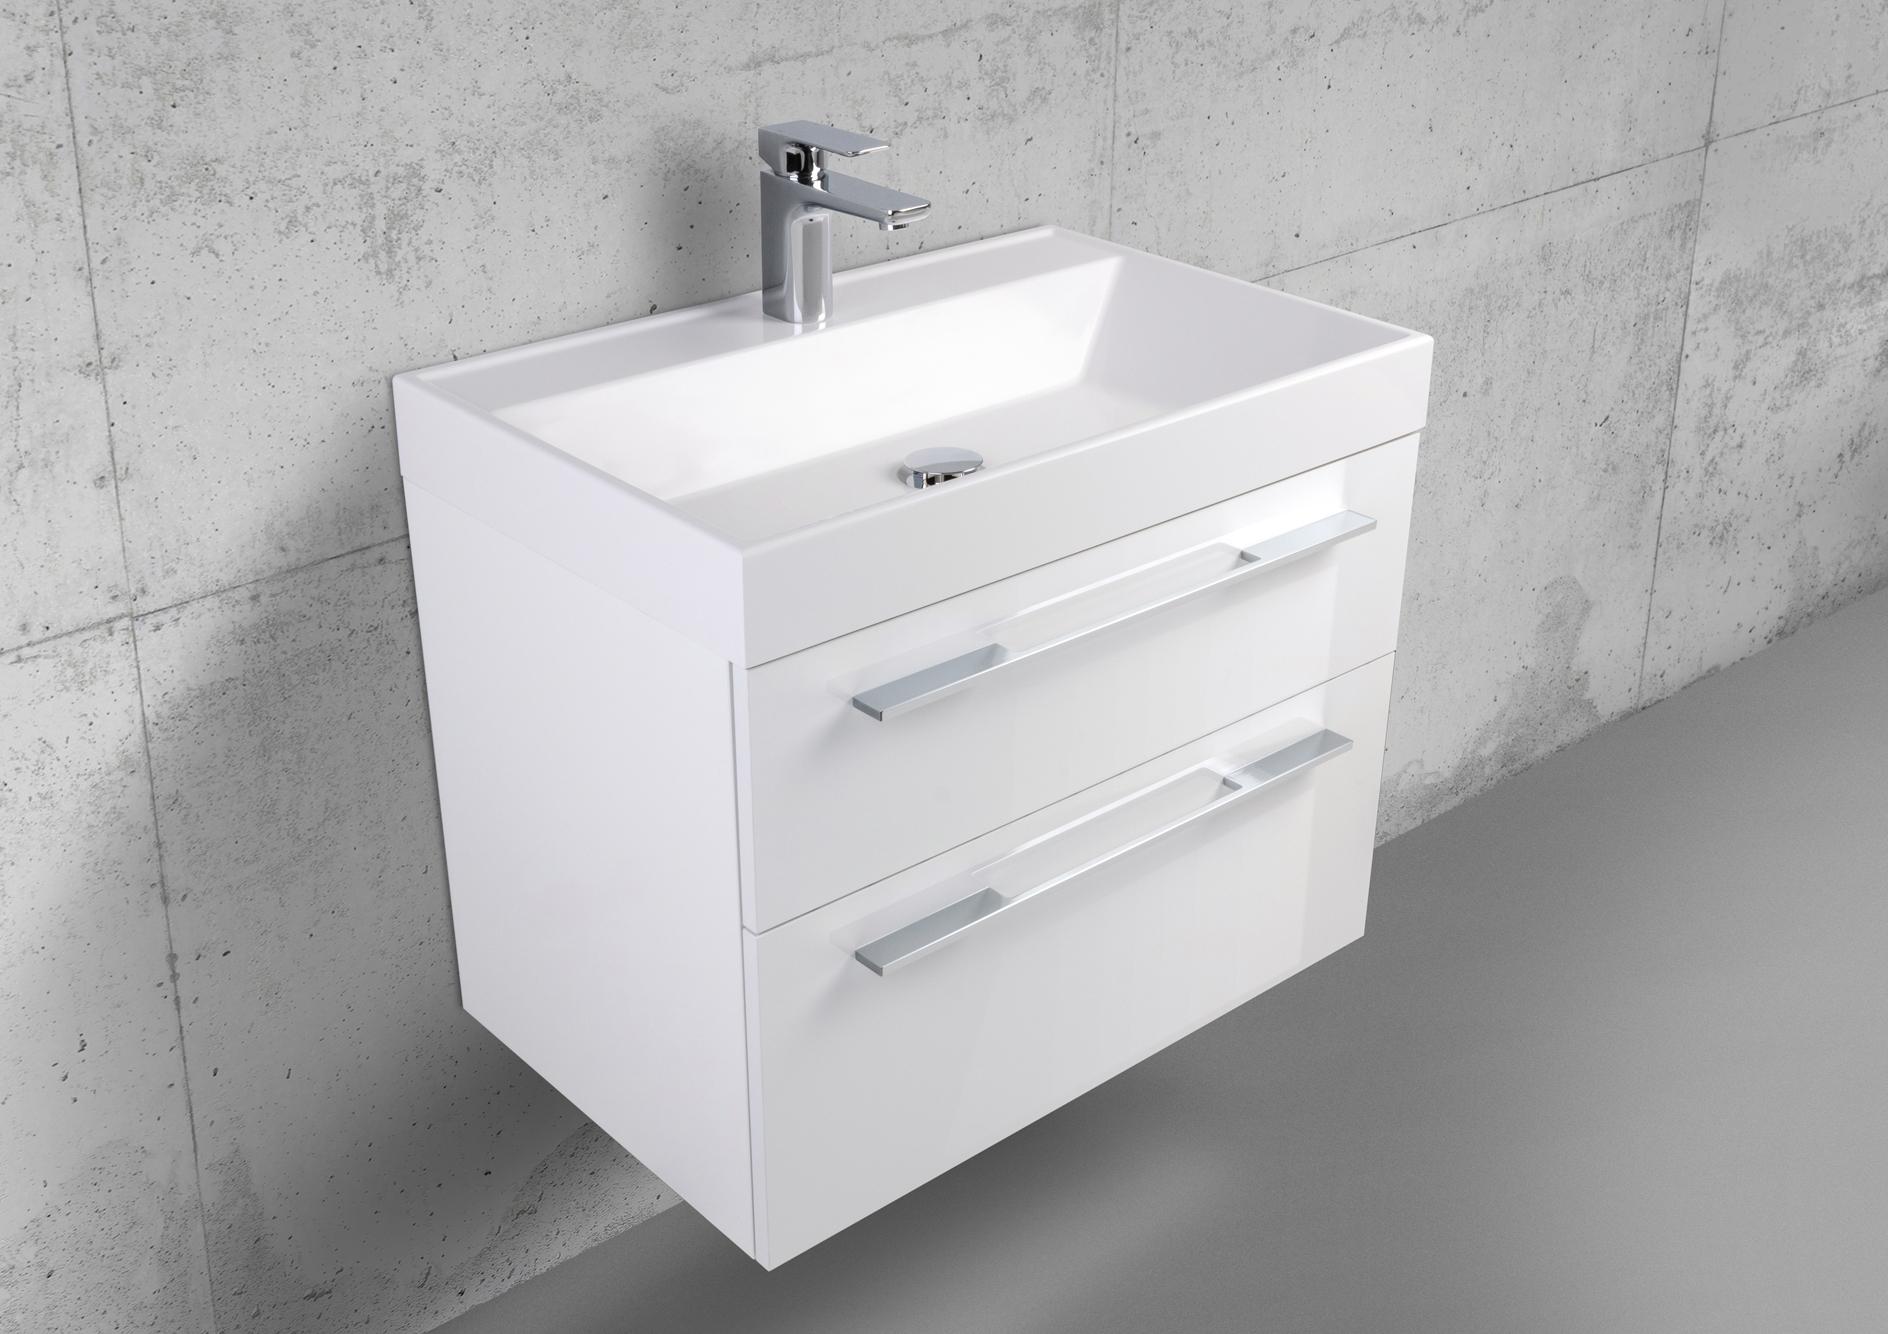 design badm bel 70 cm waschtisch mit unterschrank und. Black Bedroom Furniture Sets. Home Design Ideas